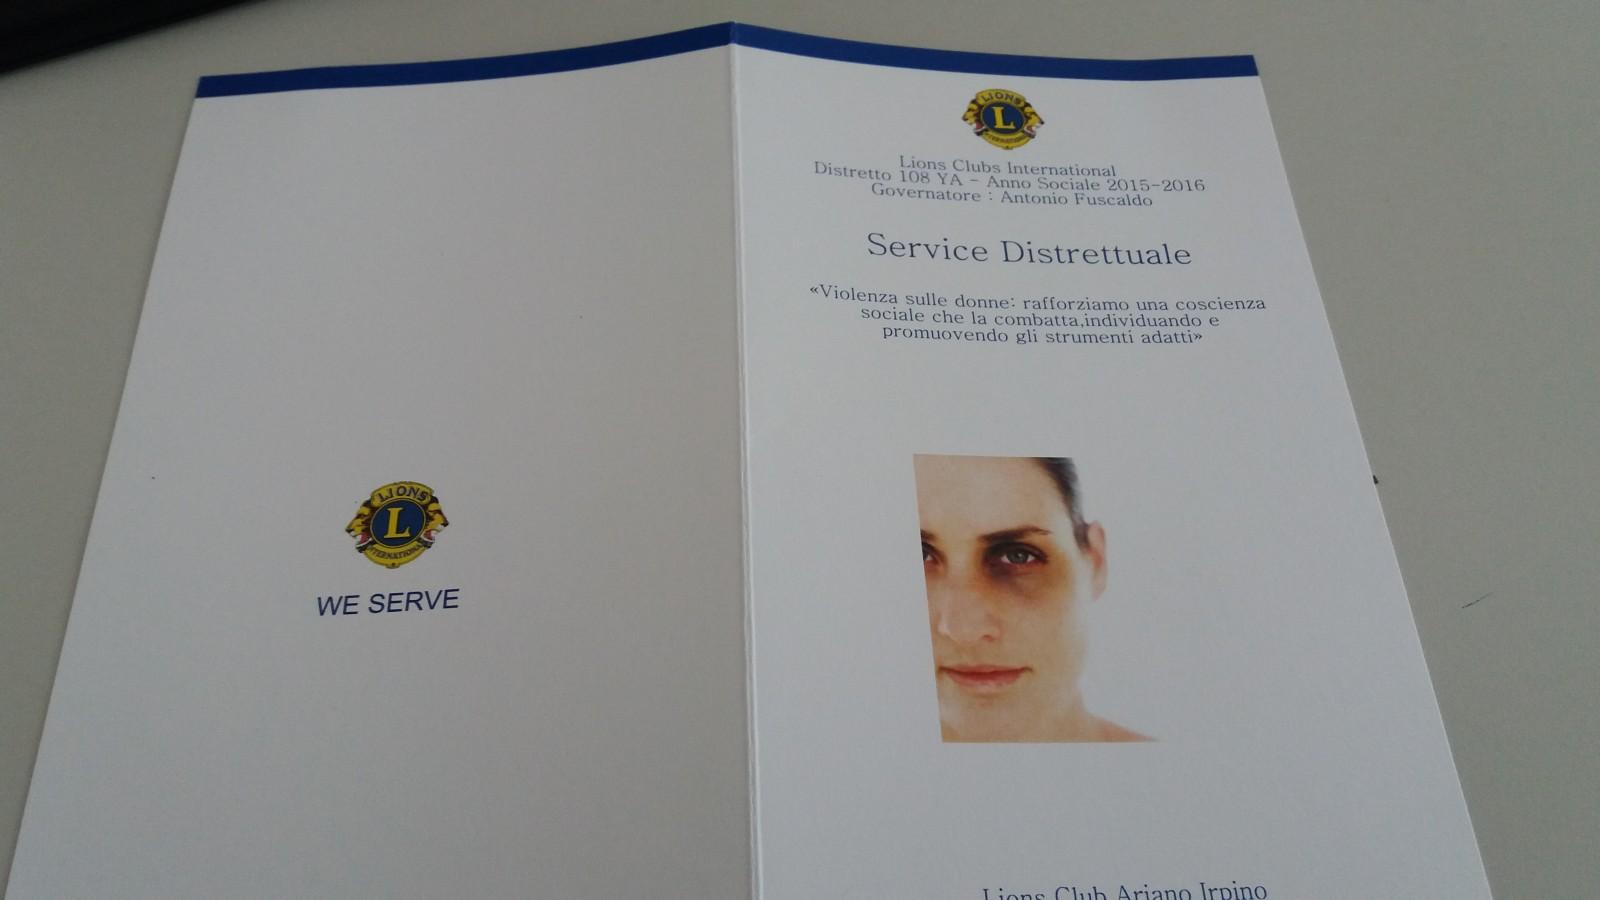 """Lions Club Ariano Irpino: si presenta il """"Service distrettuale"""""""